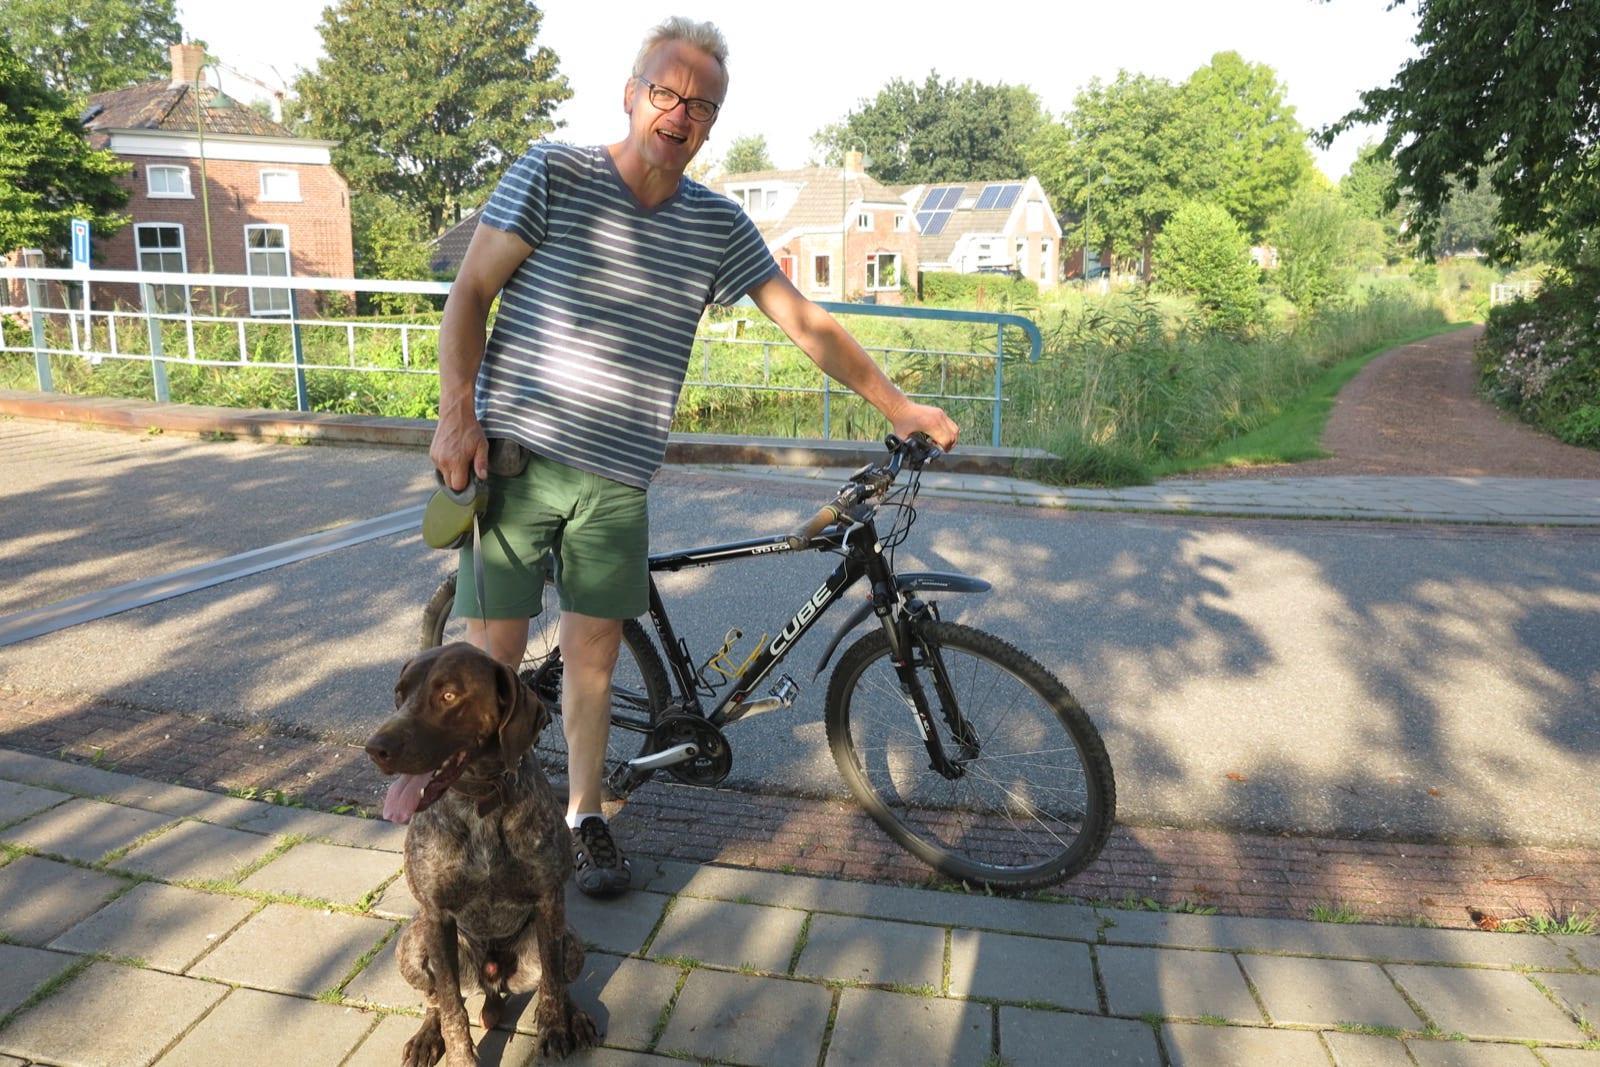 et-fiets-en-fietser-63-wout-oi.jpg